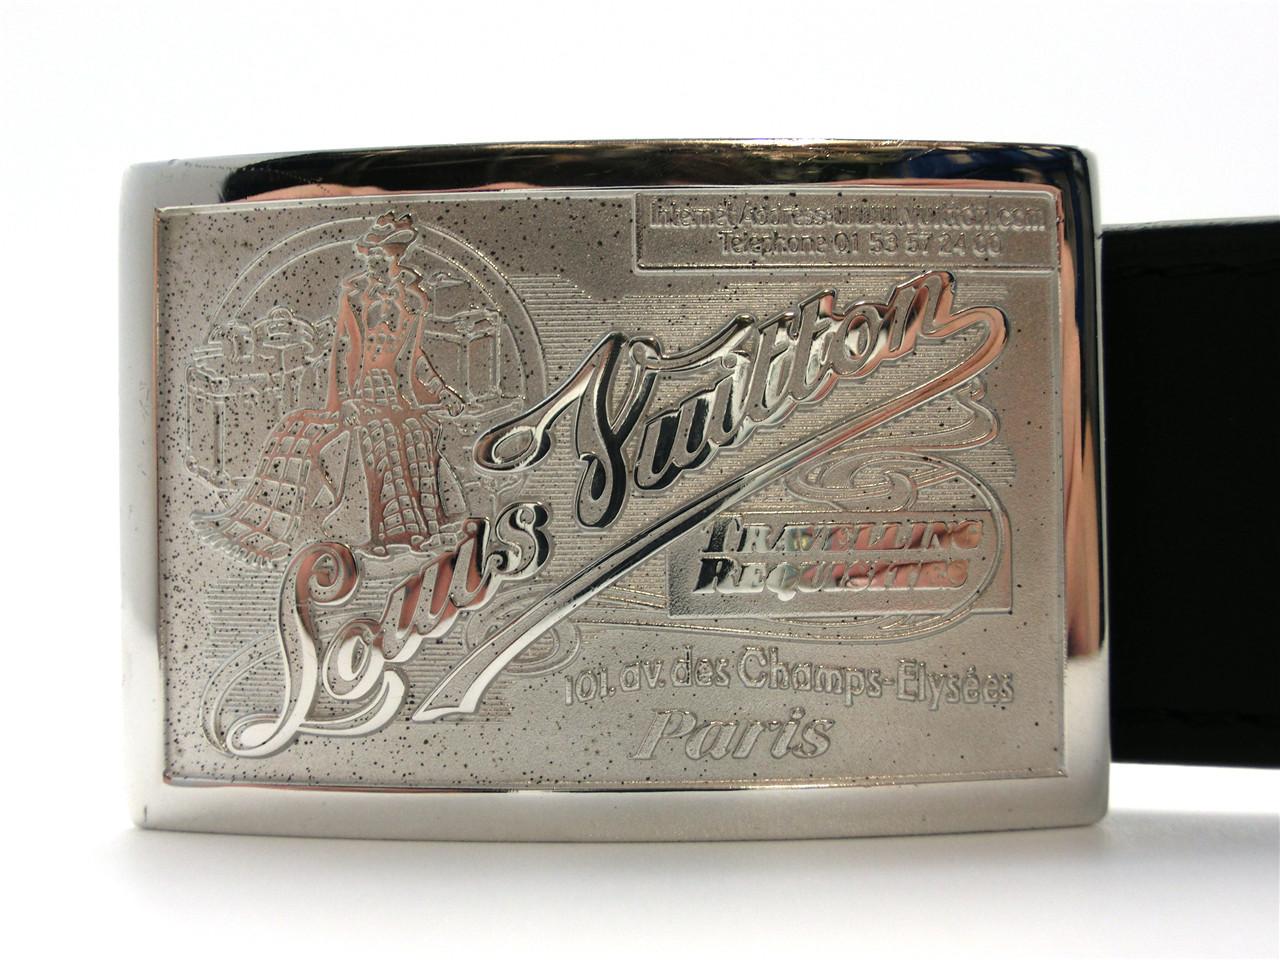 64d6c459c6cc Authentic LOUIS VUITTON Black Leather Travelling Requisites Belt ...